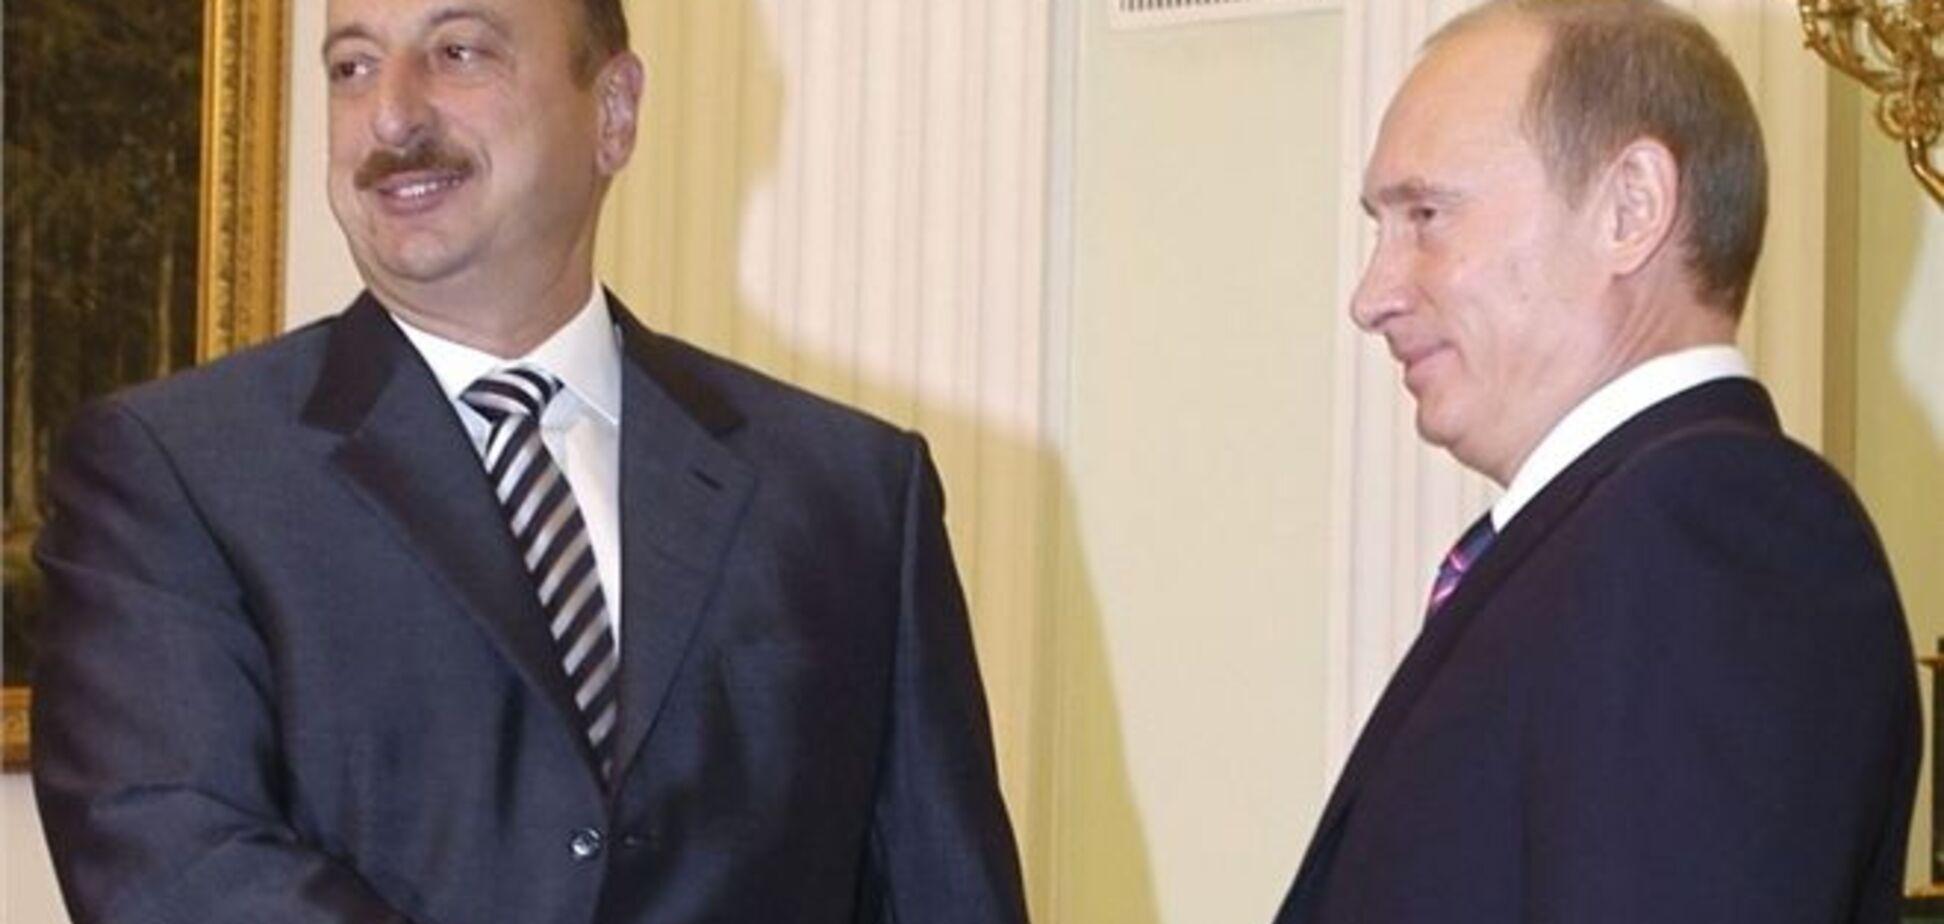 Во время пресс-конференции Путина и Алиева, диктор обматерил Лаврова